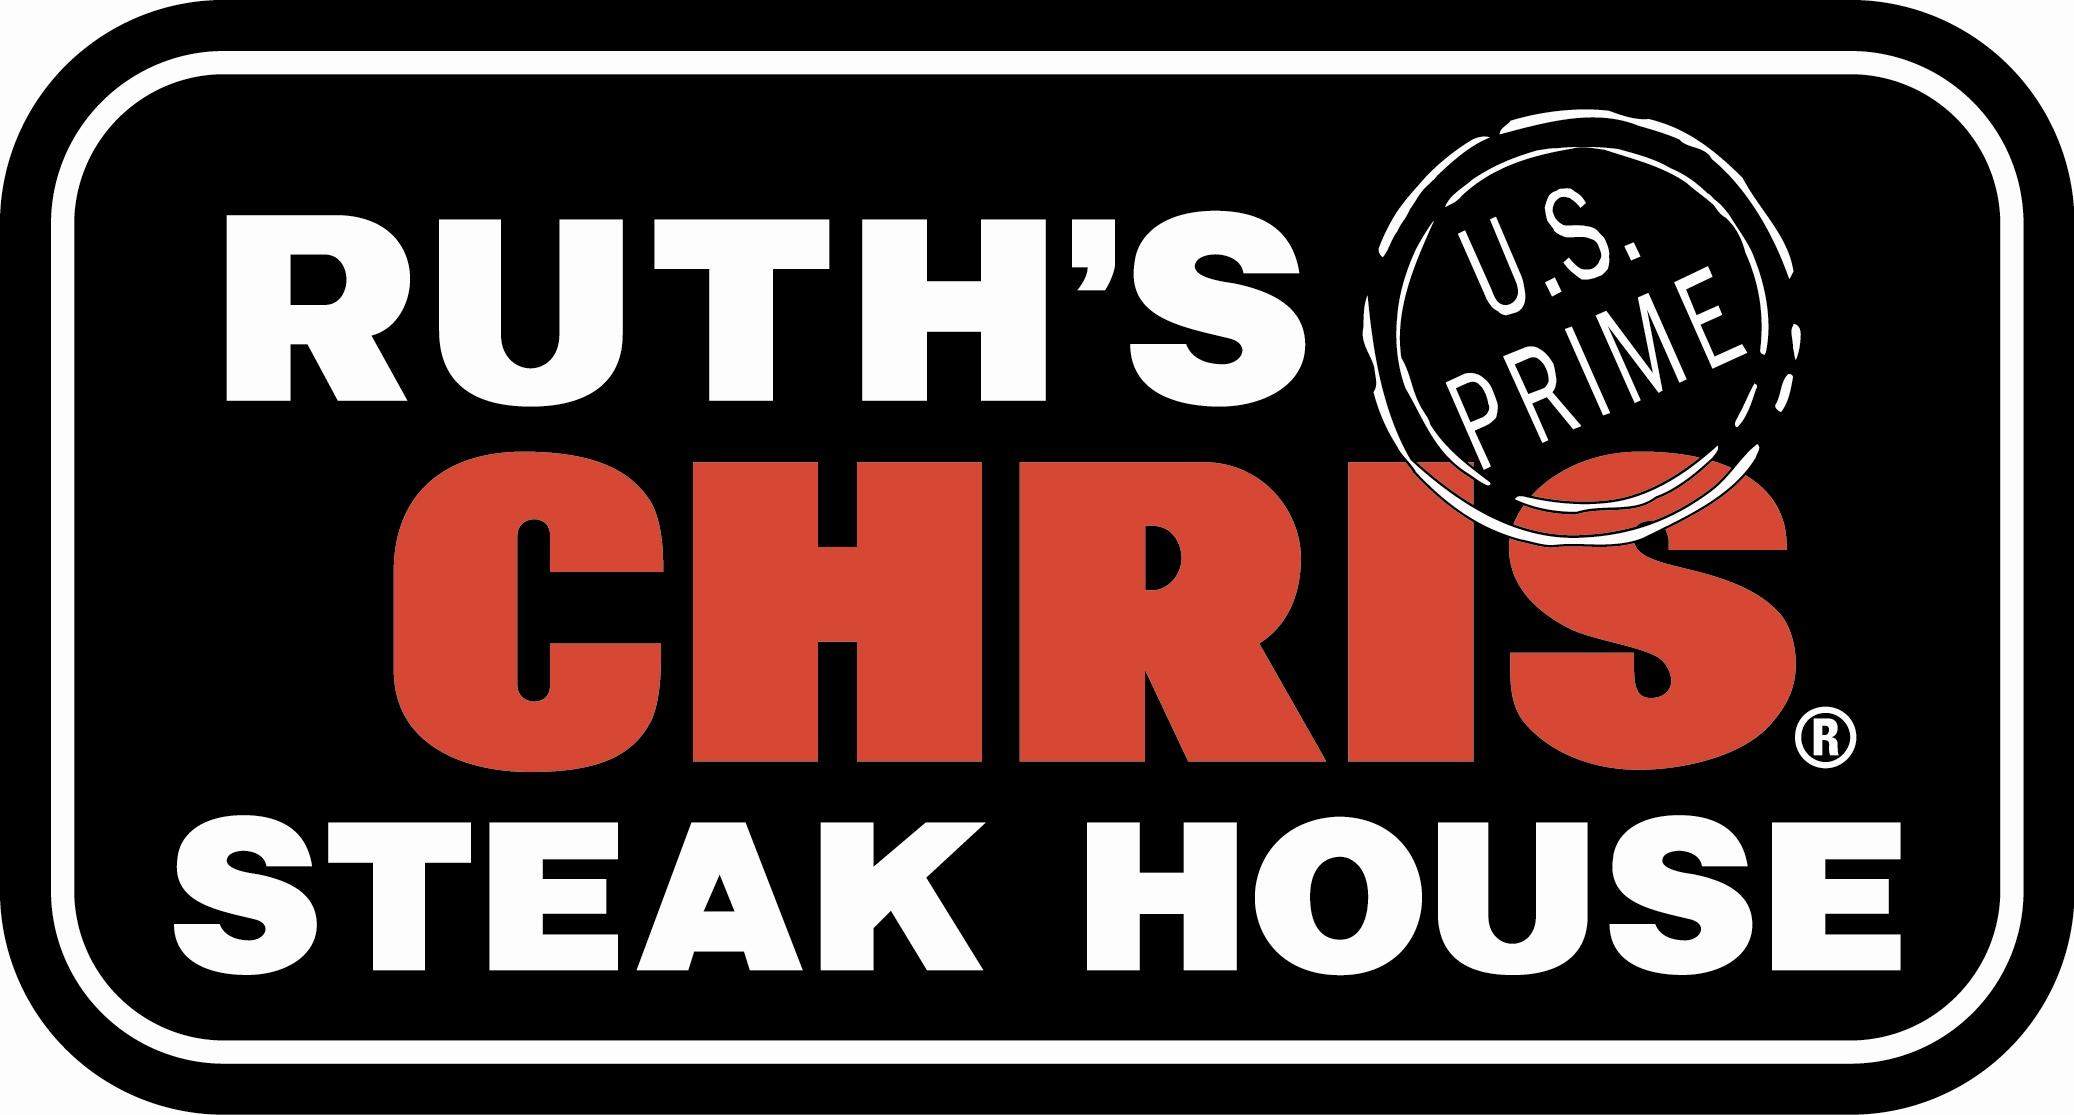 RuthChrisSteakhouse.jpg